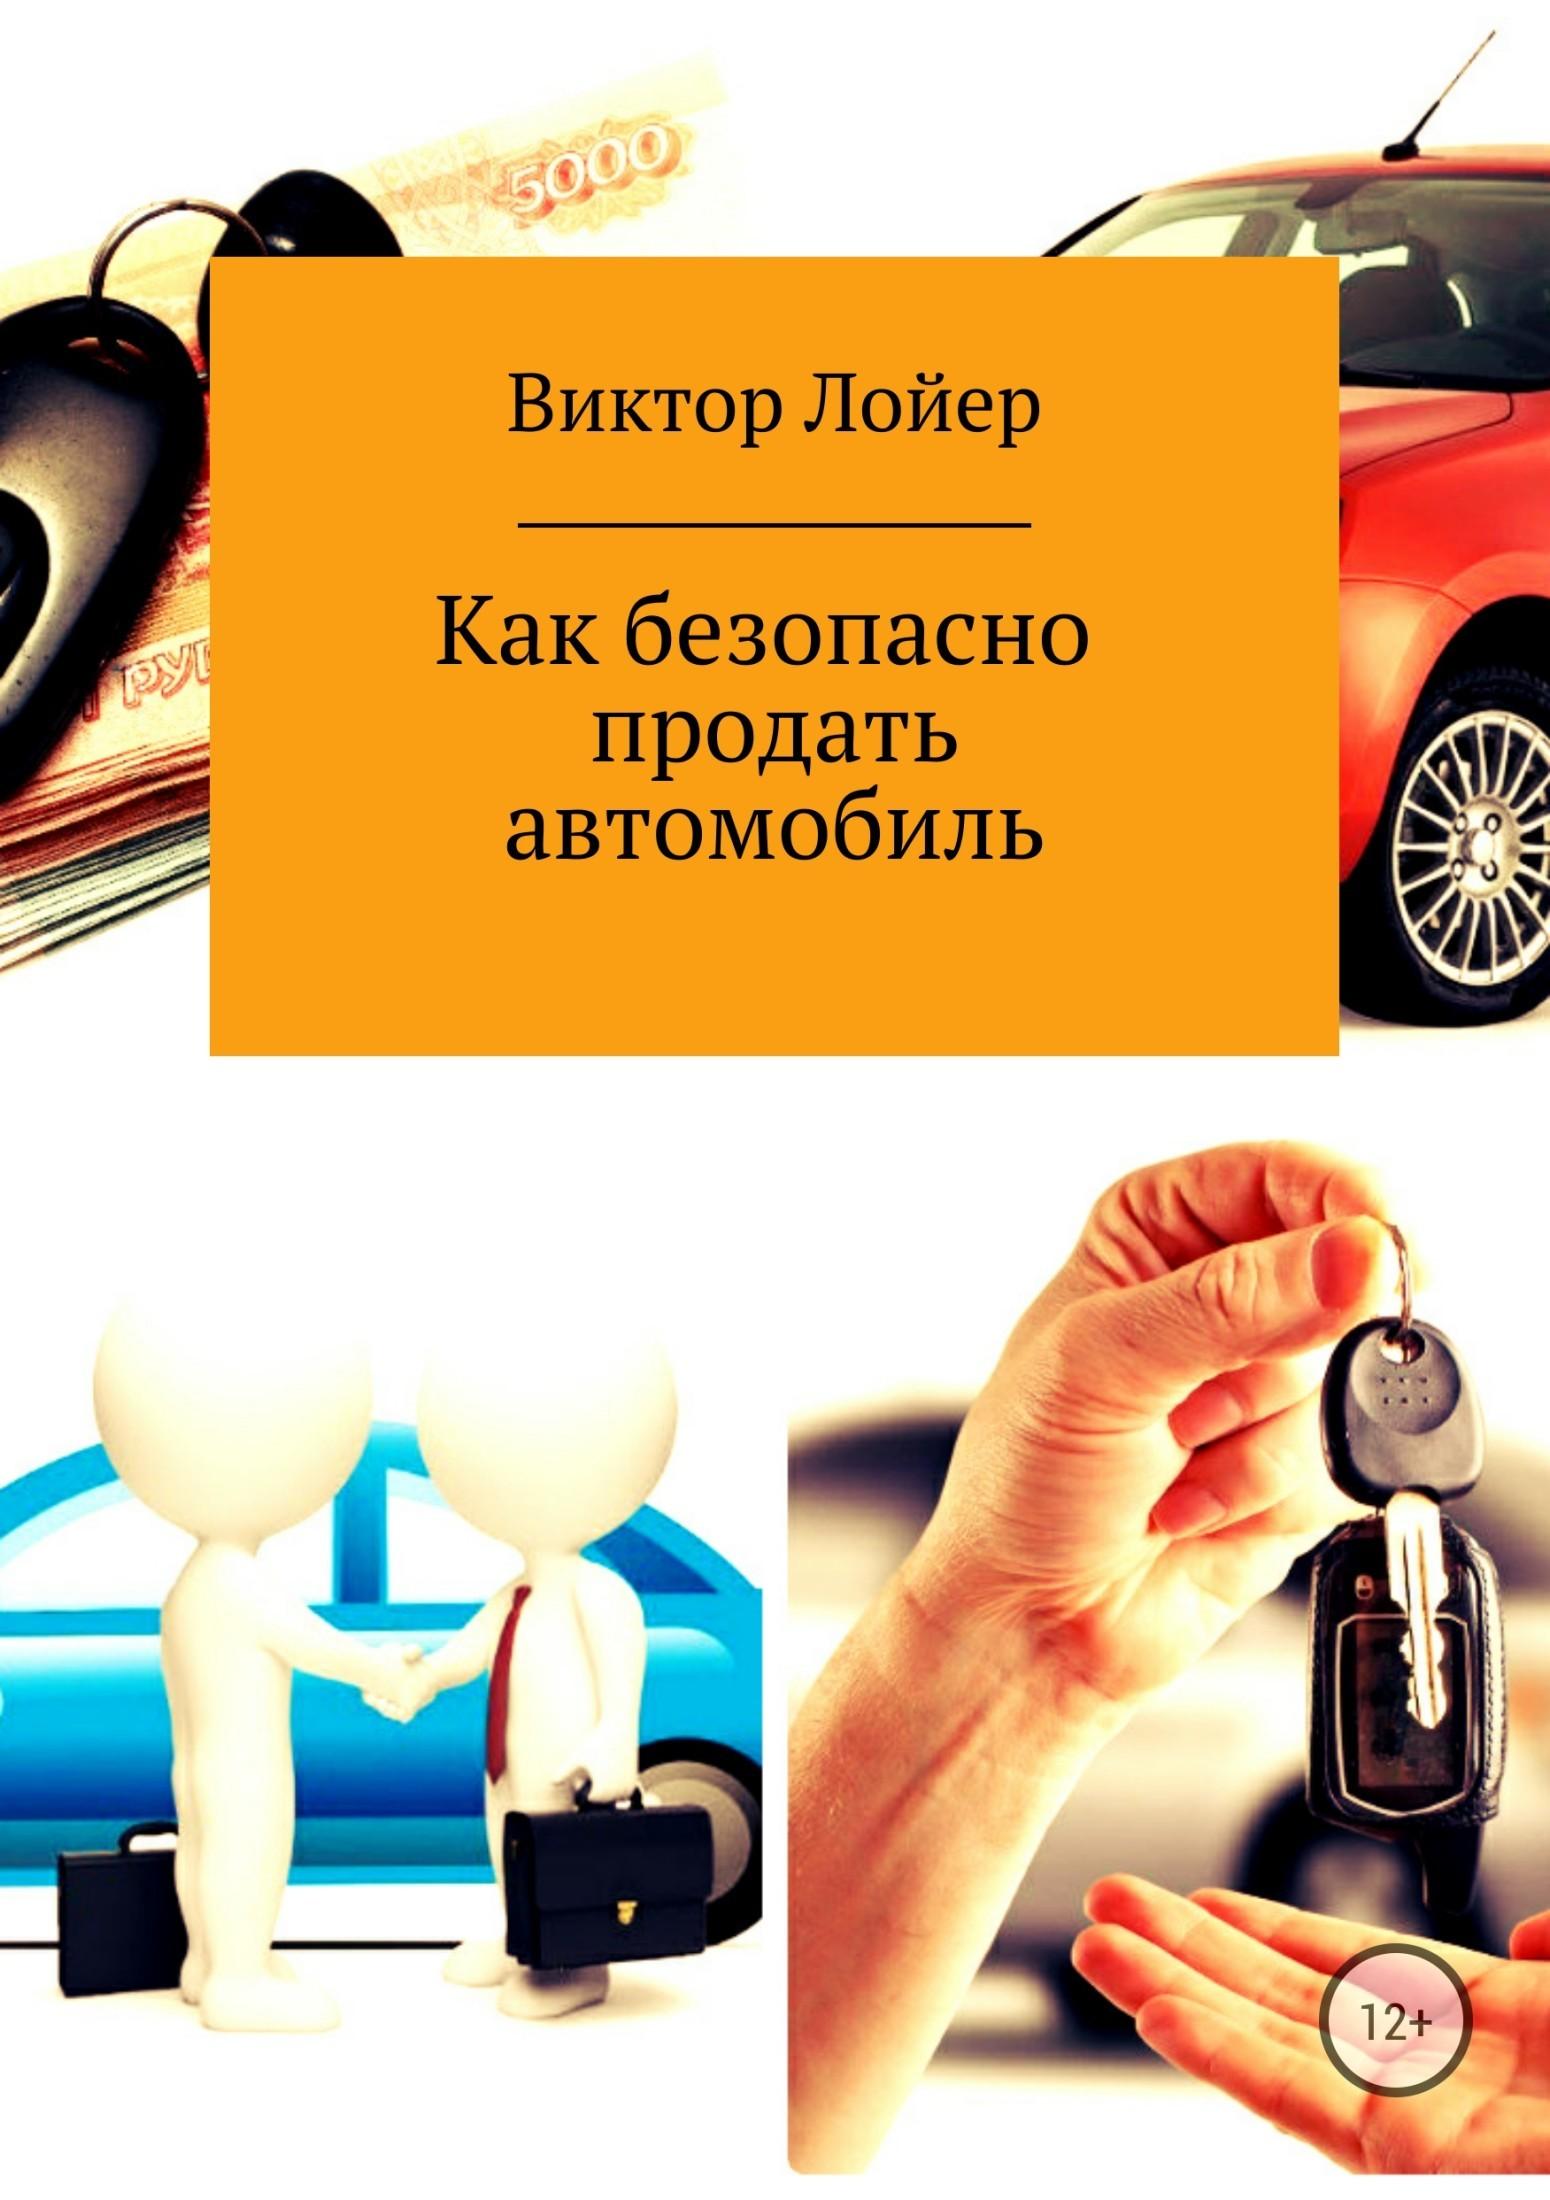 Обложка книги Как безопасно продать автомобиль